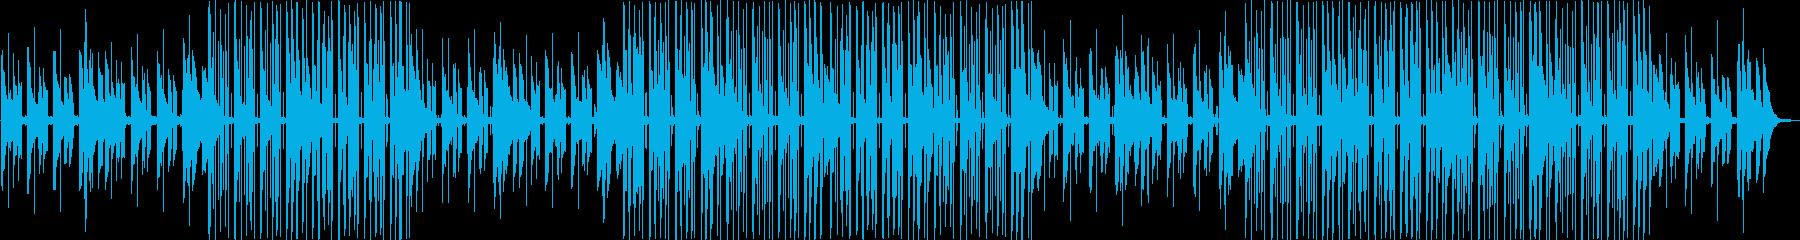 チルアウト・R&B・透明感・空気感・夜の再生済みの波形